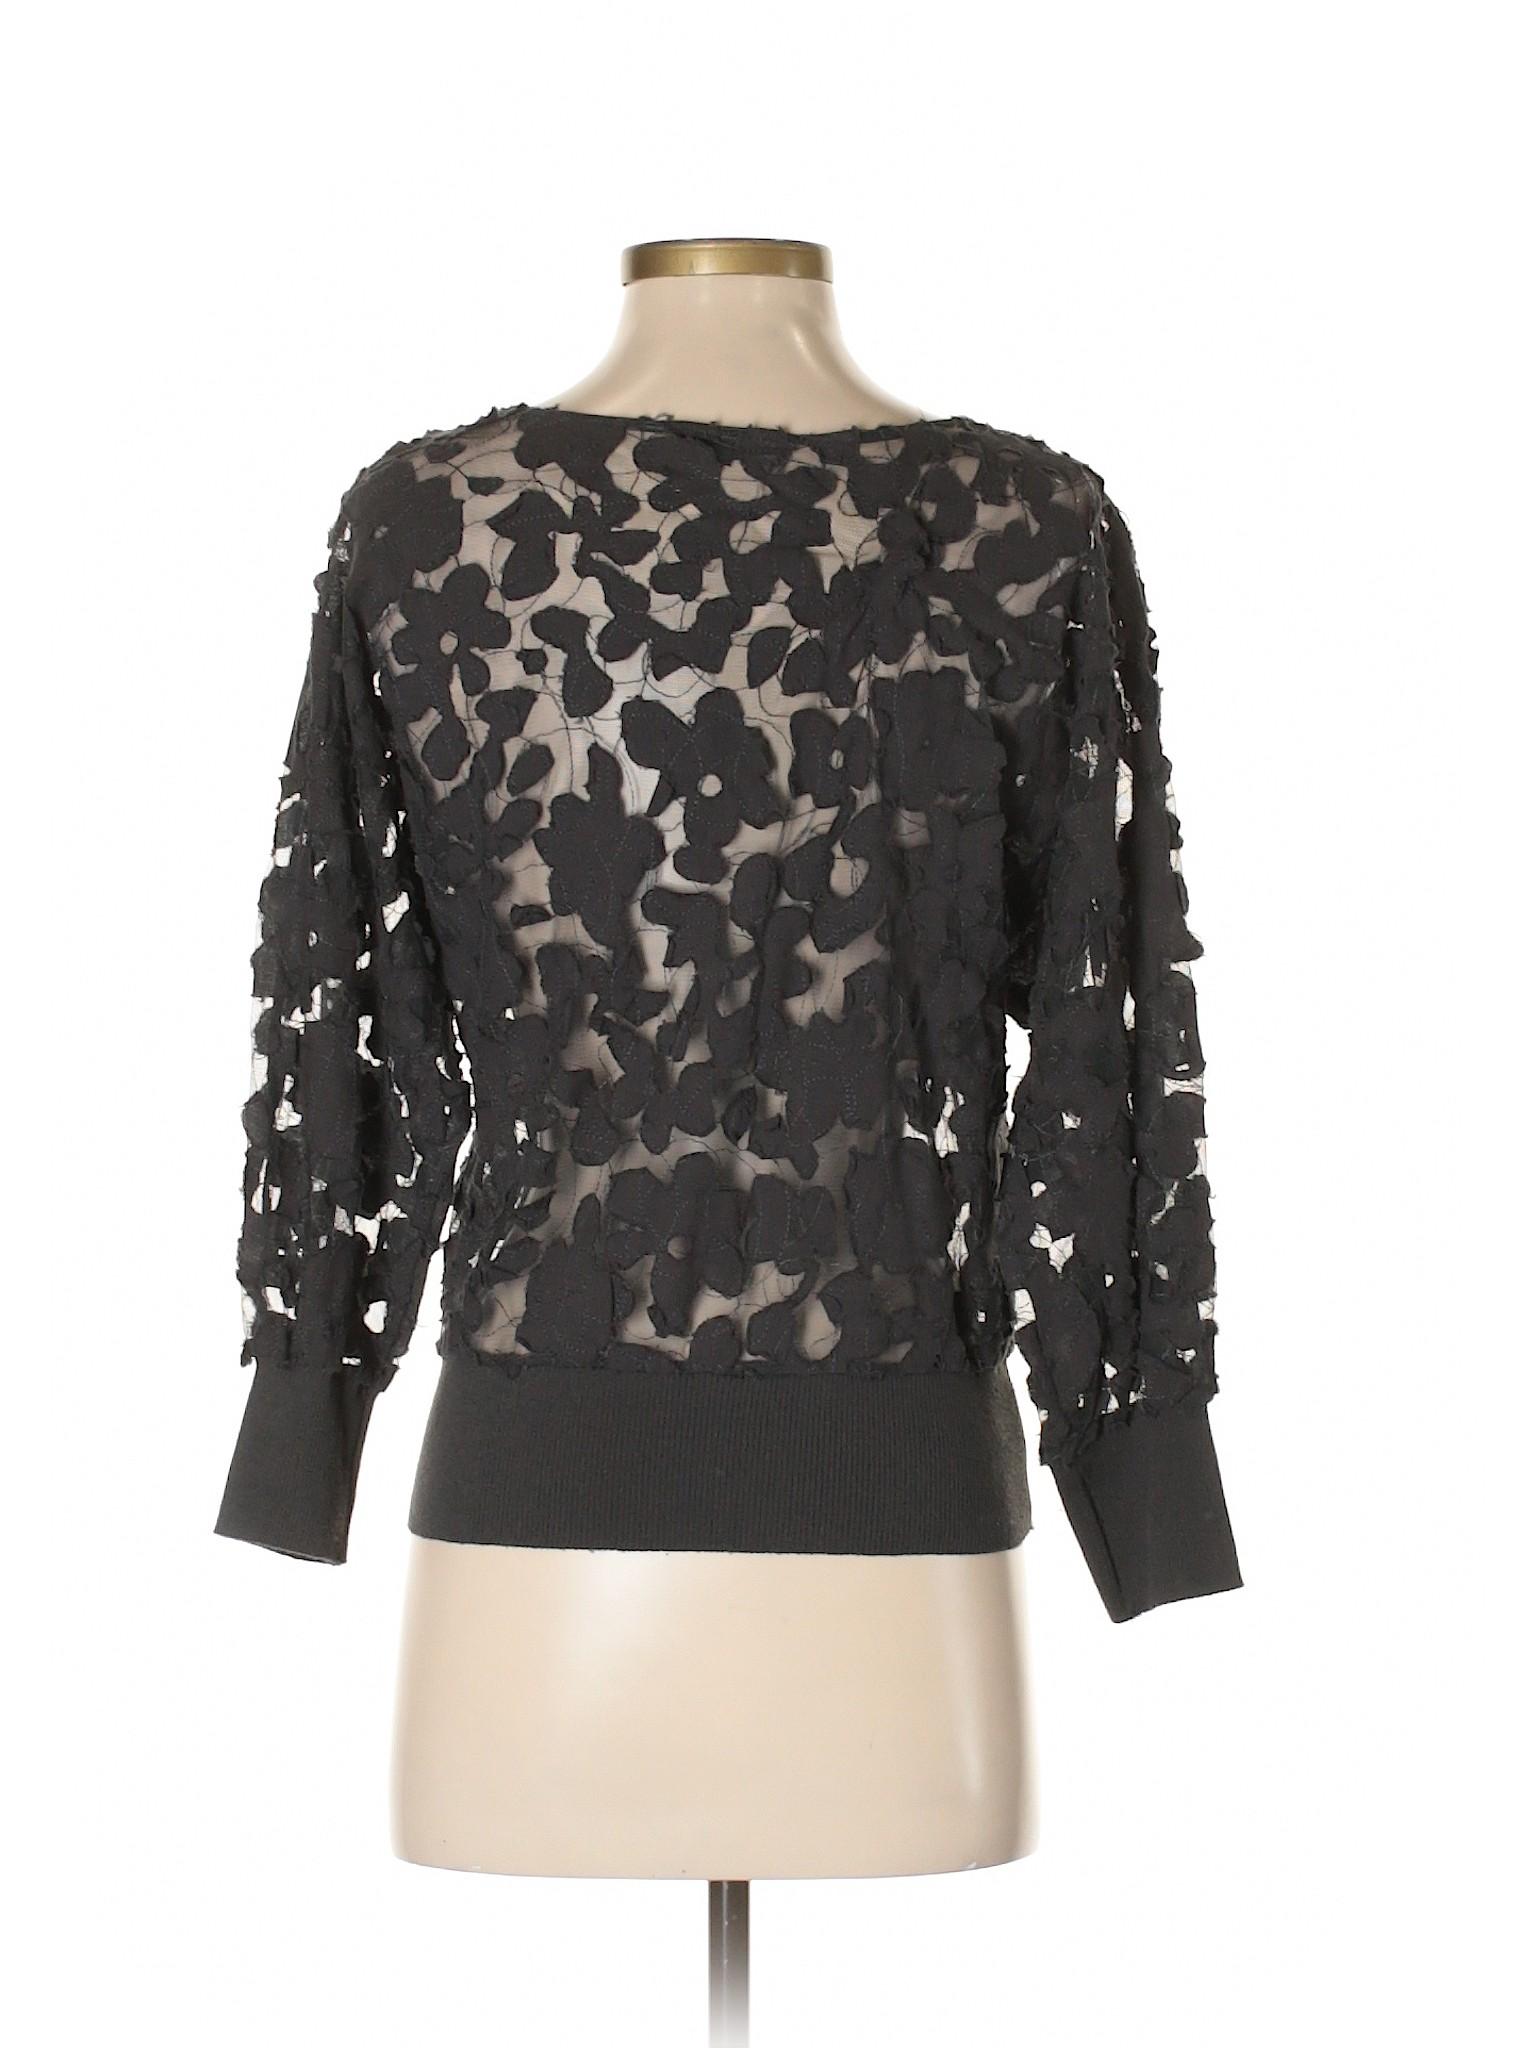 winter Avenue Sweater Saks Boutique Fifth Pullover d0qnx6PqZg